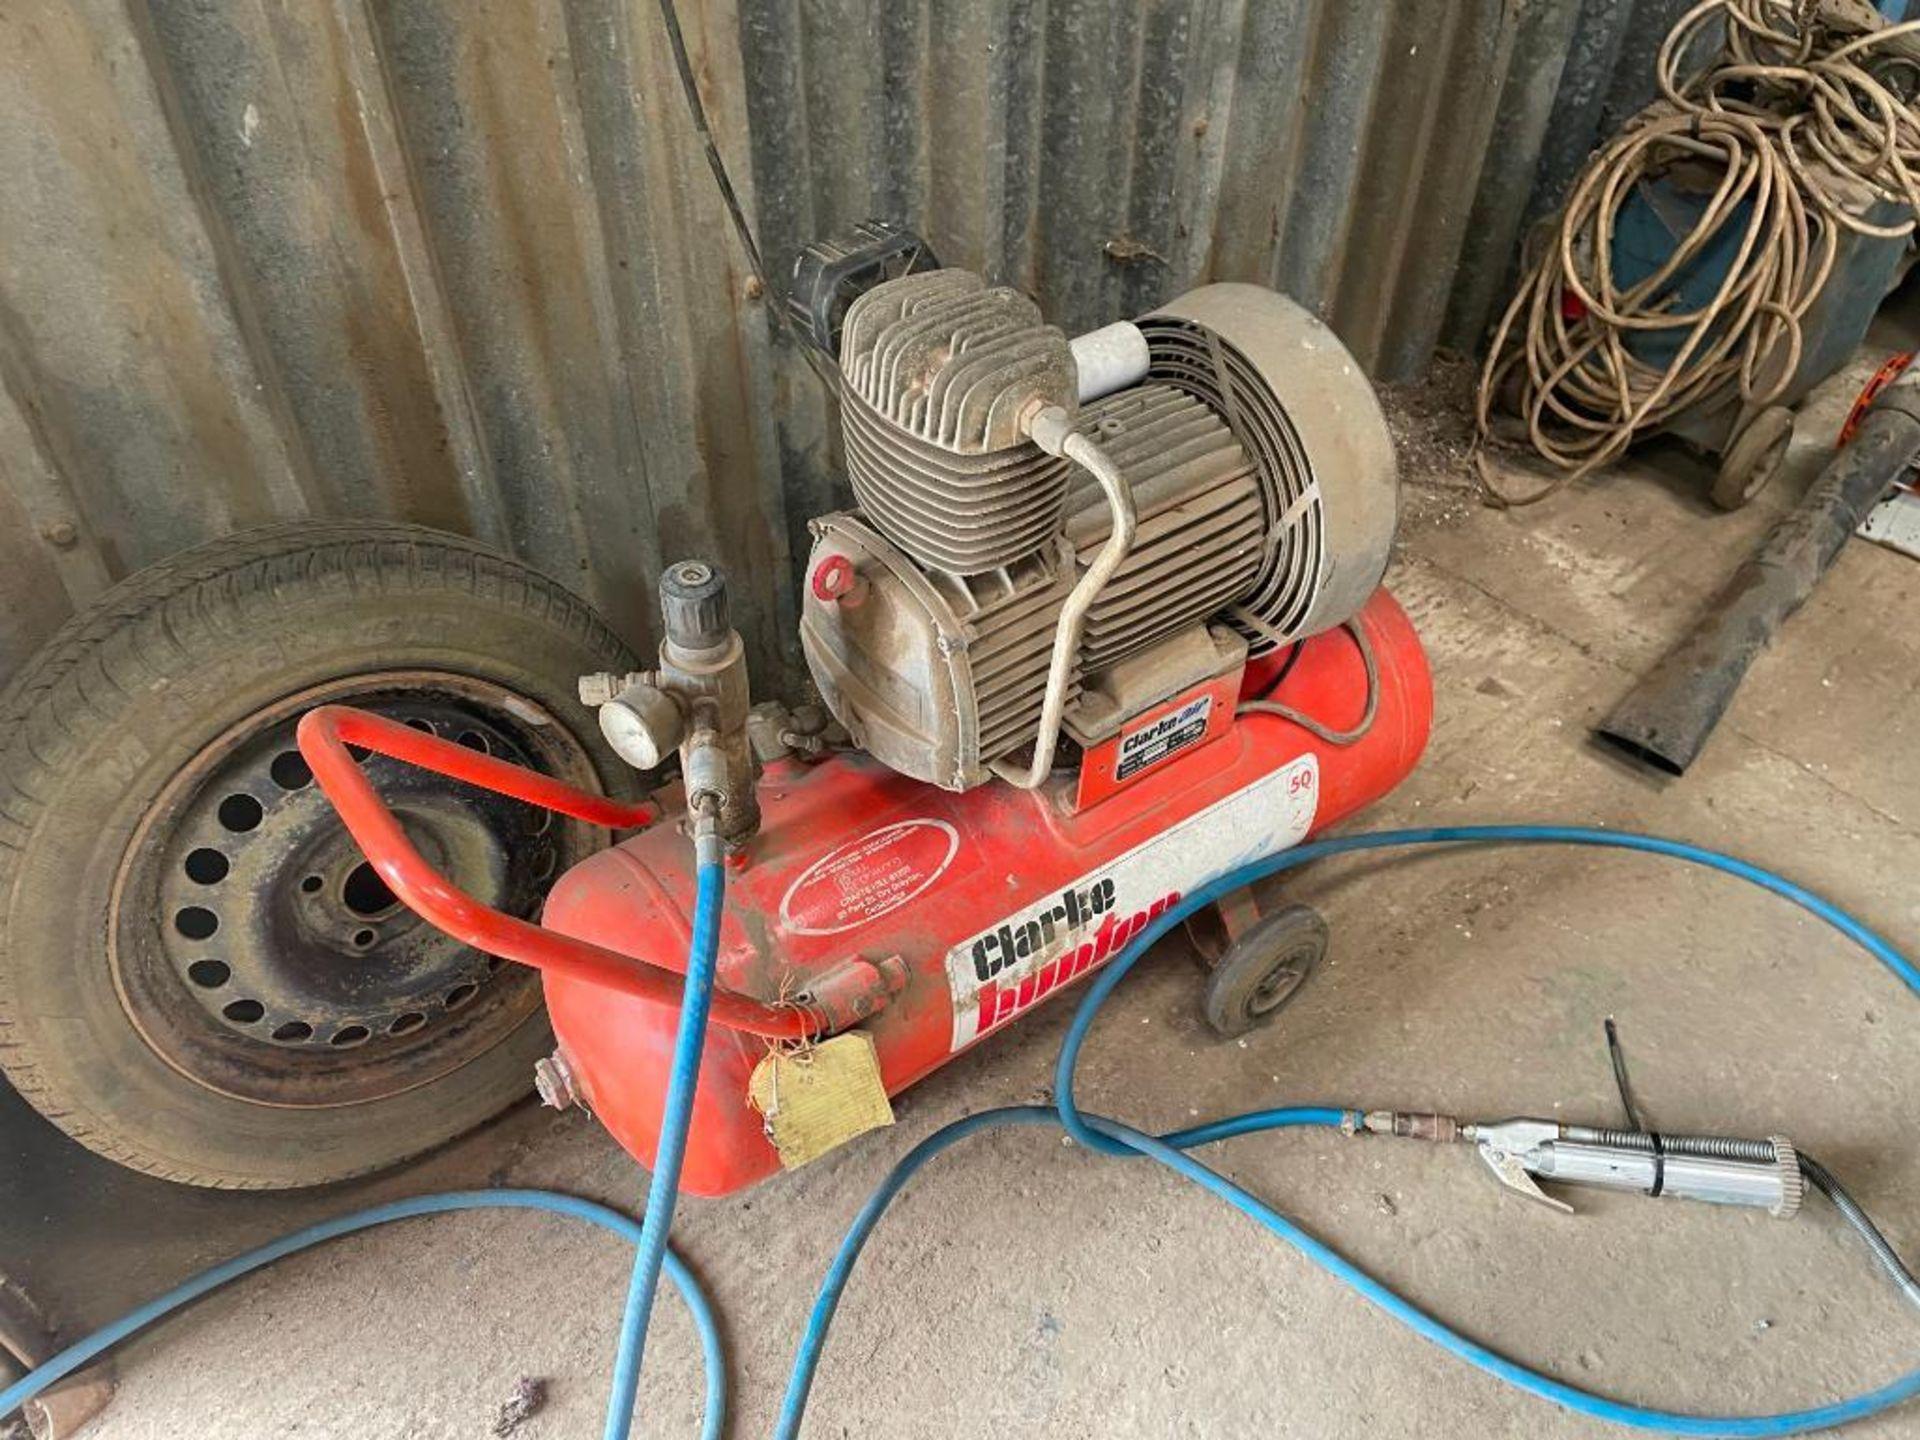 Clarke Hunter Air 50 compressor. Serial No: 50125